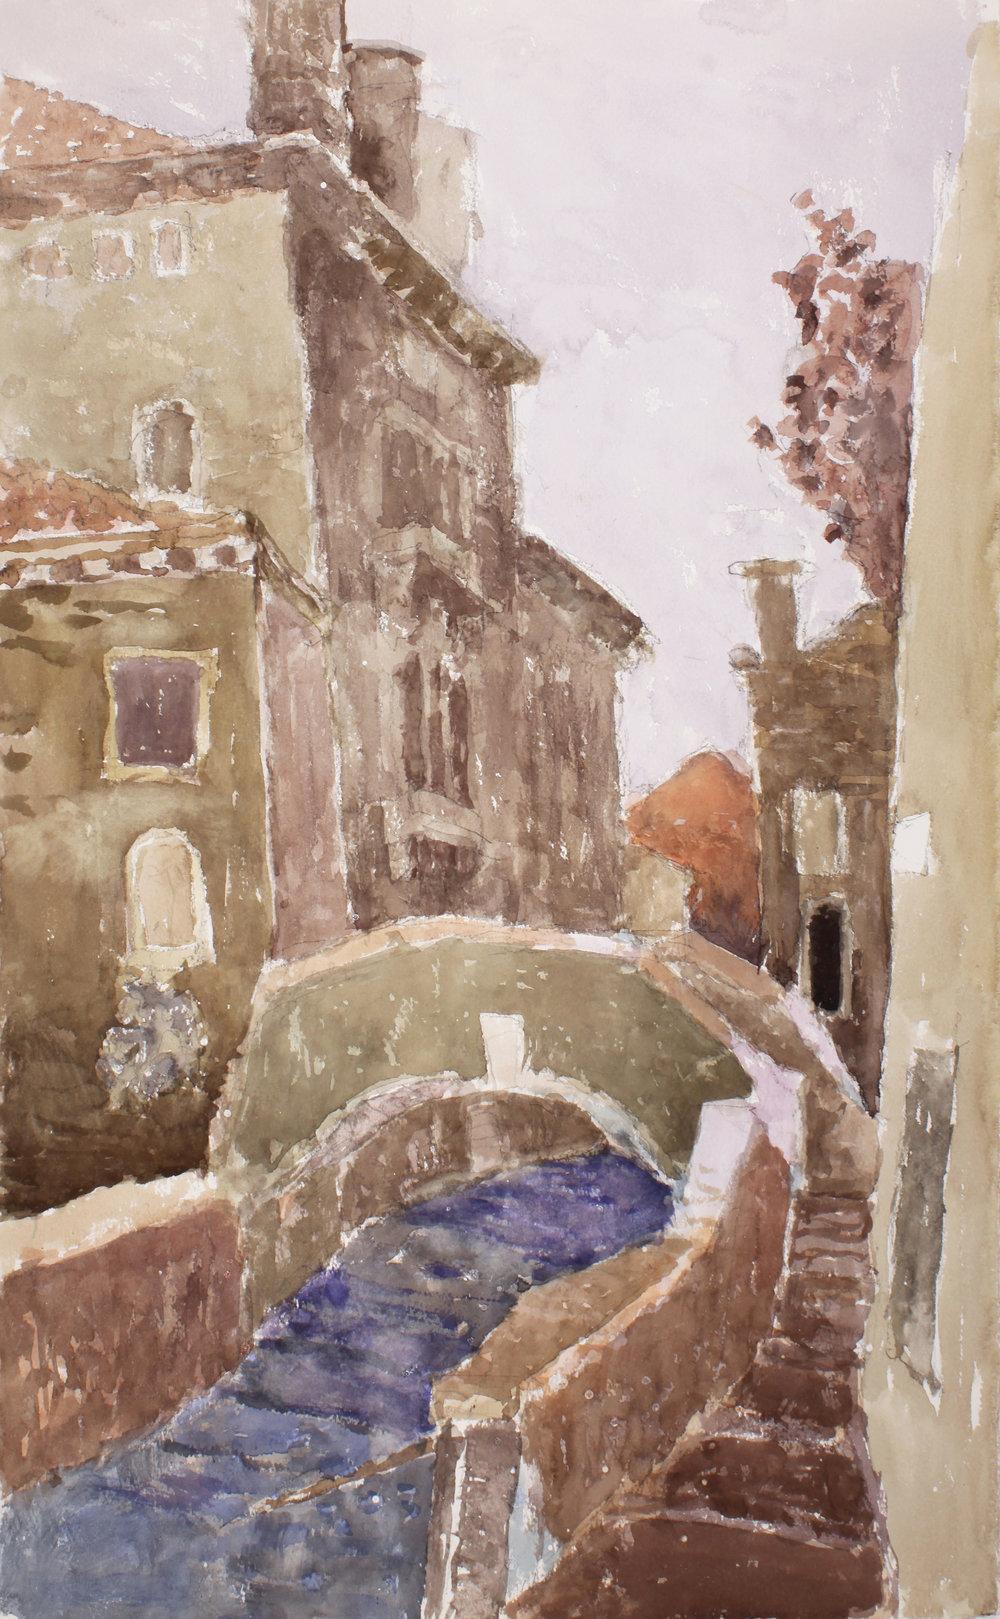 1998_Rio_San_Cassiano_watercolour_and_pencil_on_paper_28x17in_WPF307.jpg